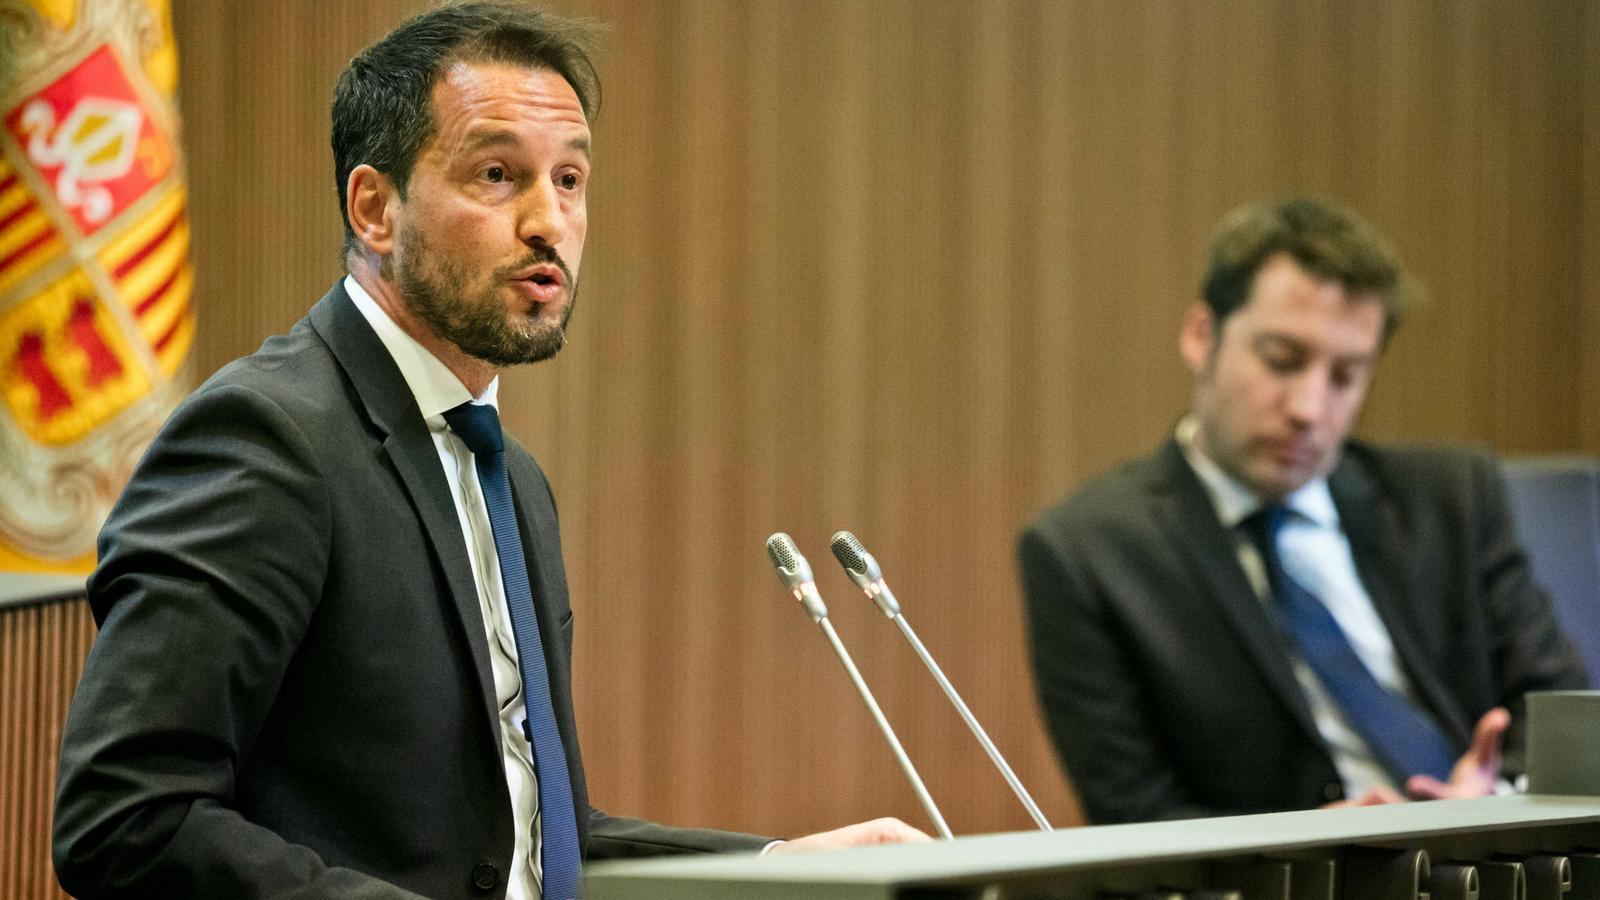 El president del grup parlamentari socialdemòcrata, Pere López. / PS